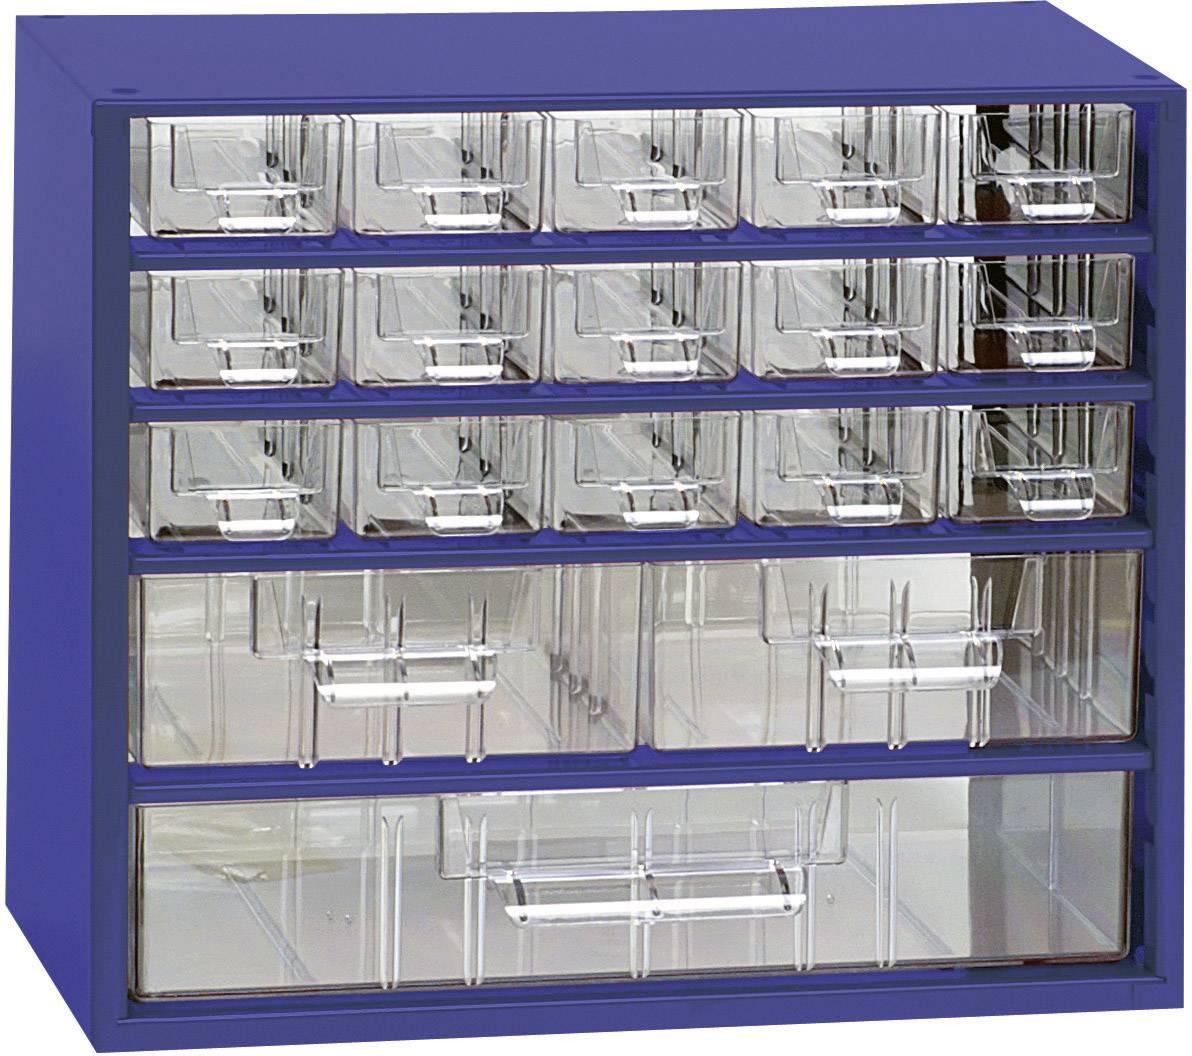 Skrinka na drobné súčiastky 816542, priečinkov: 18, 307 x 155 x 284 , modrá, priehľadná